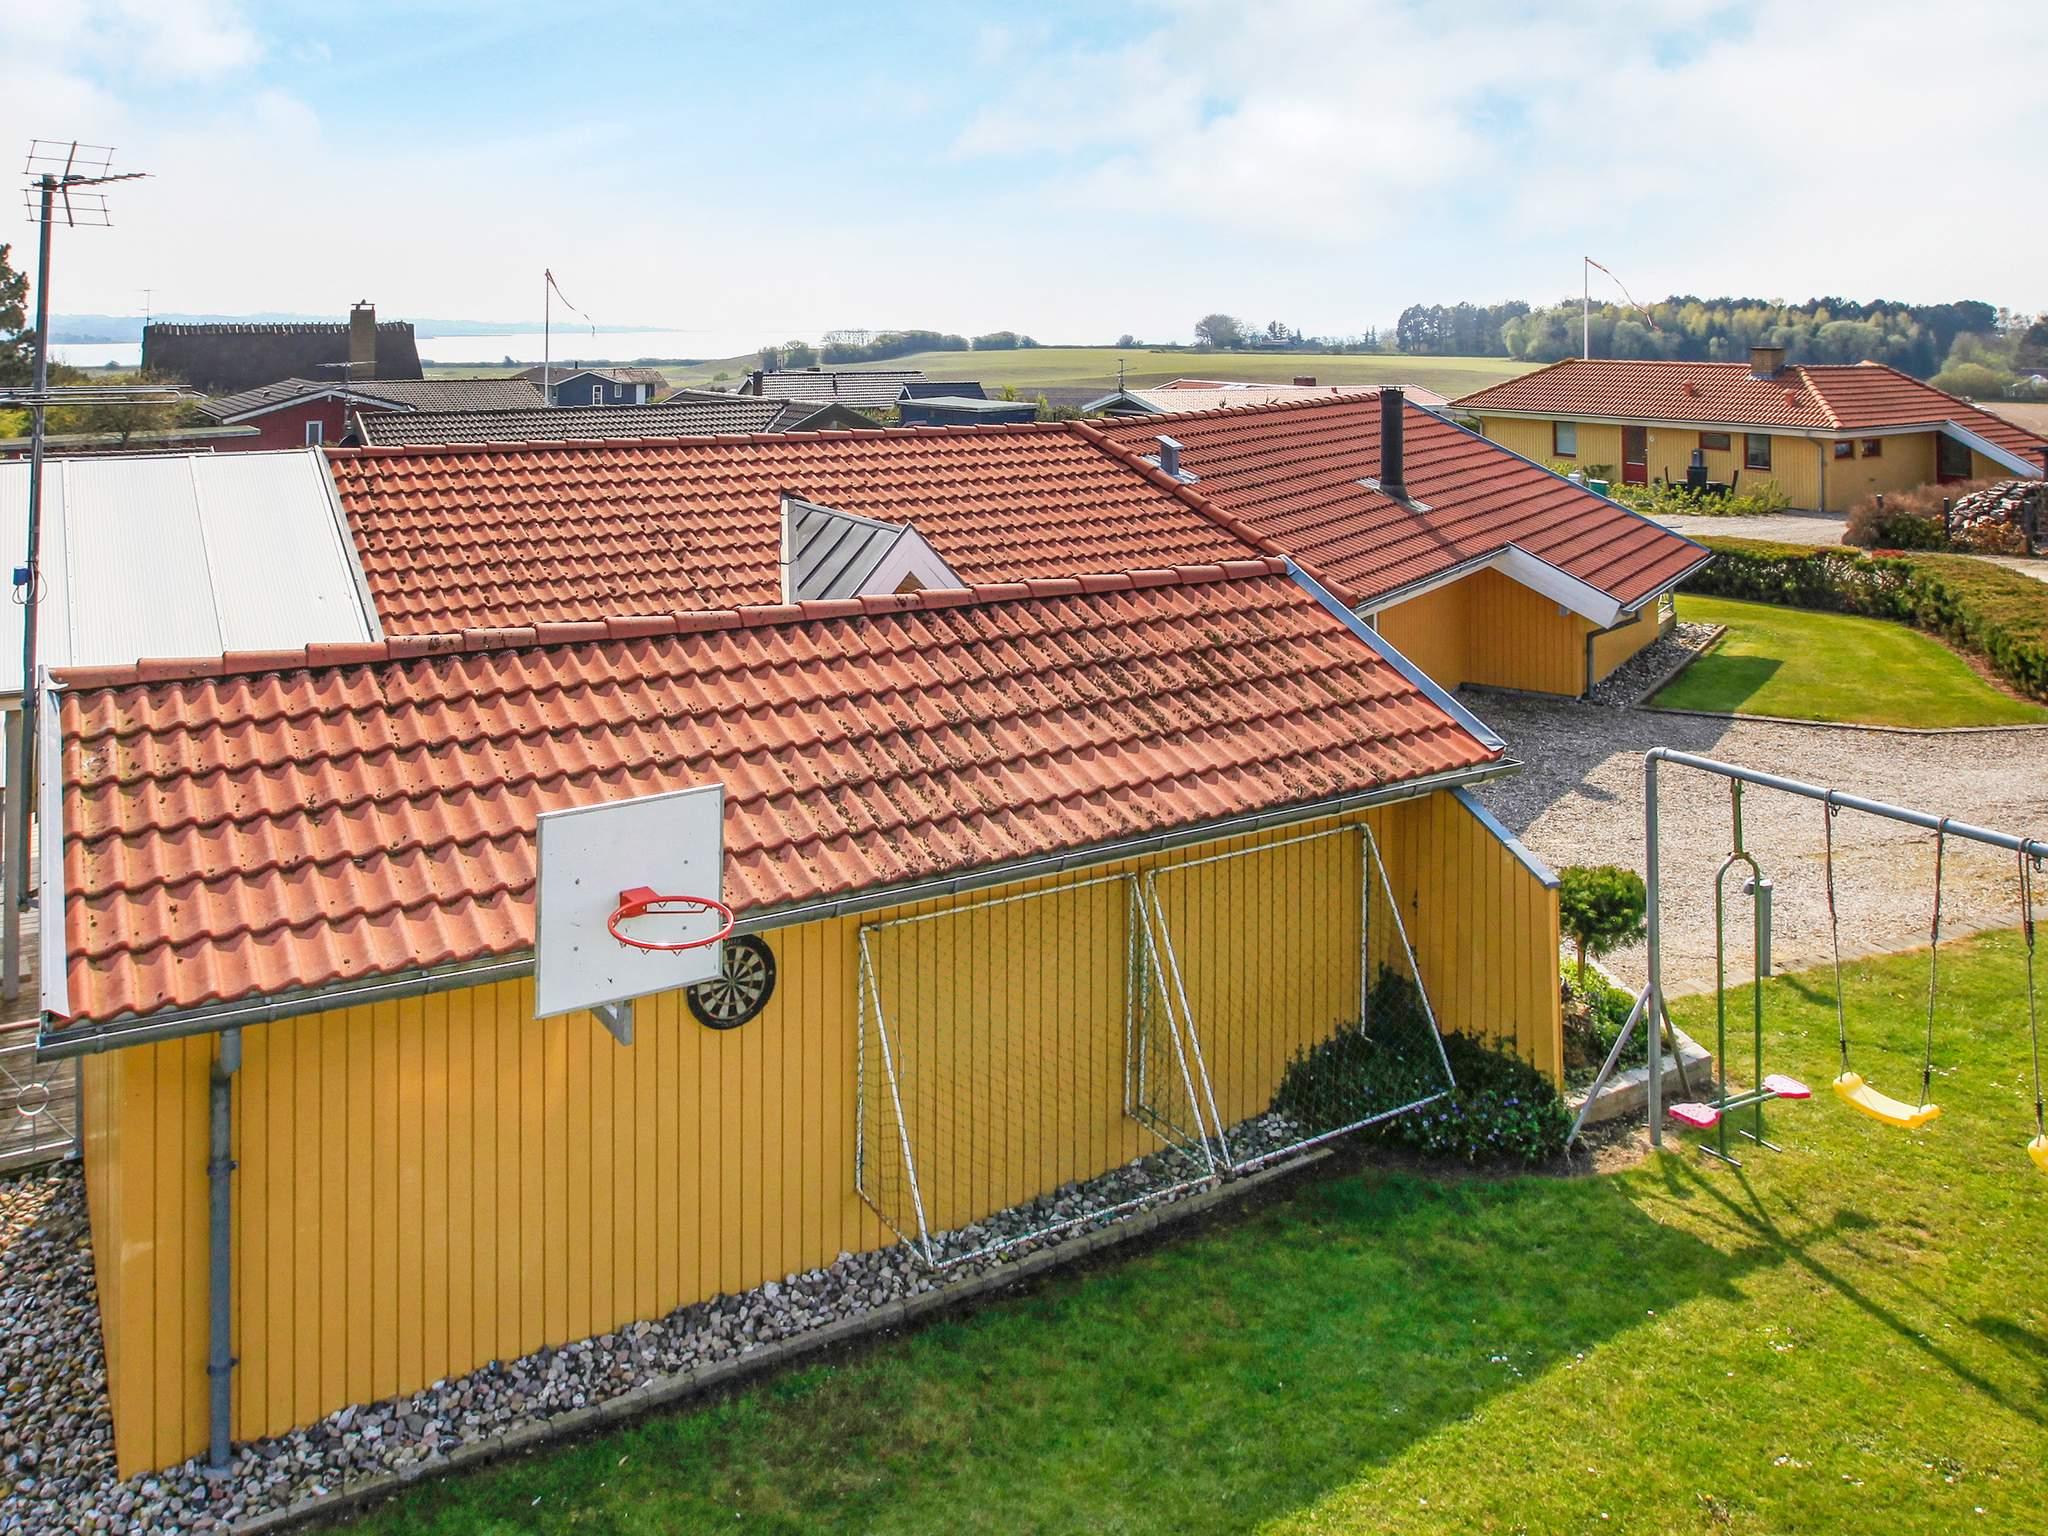 Ferienhaus Falsled (87545), Faldsled, , Fünen, Dänemark, Bild 27